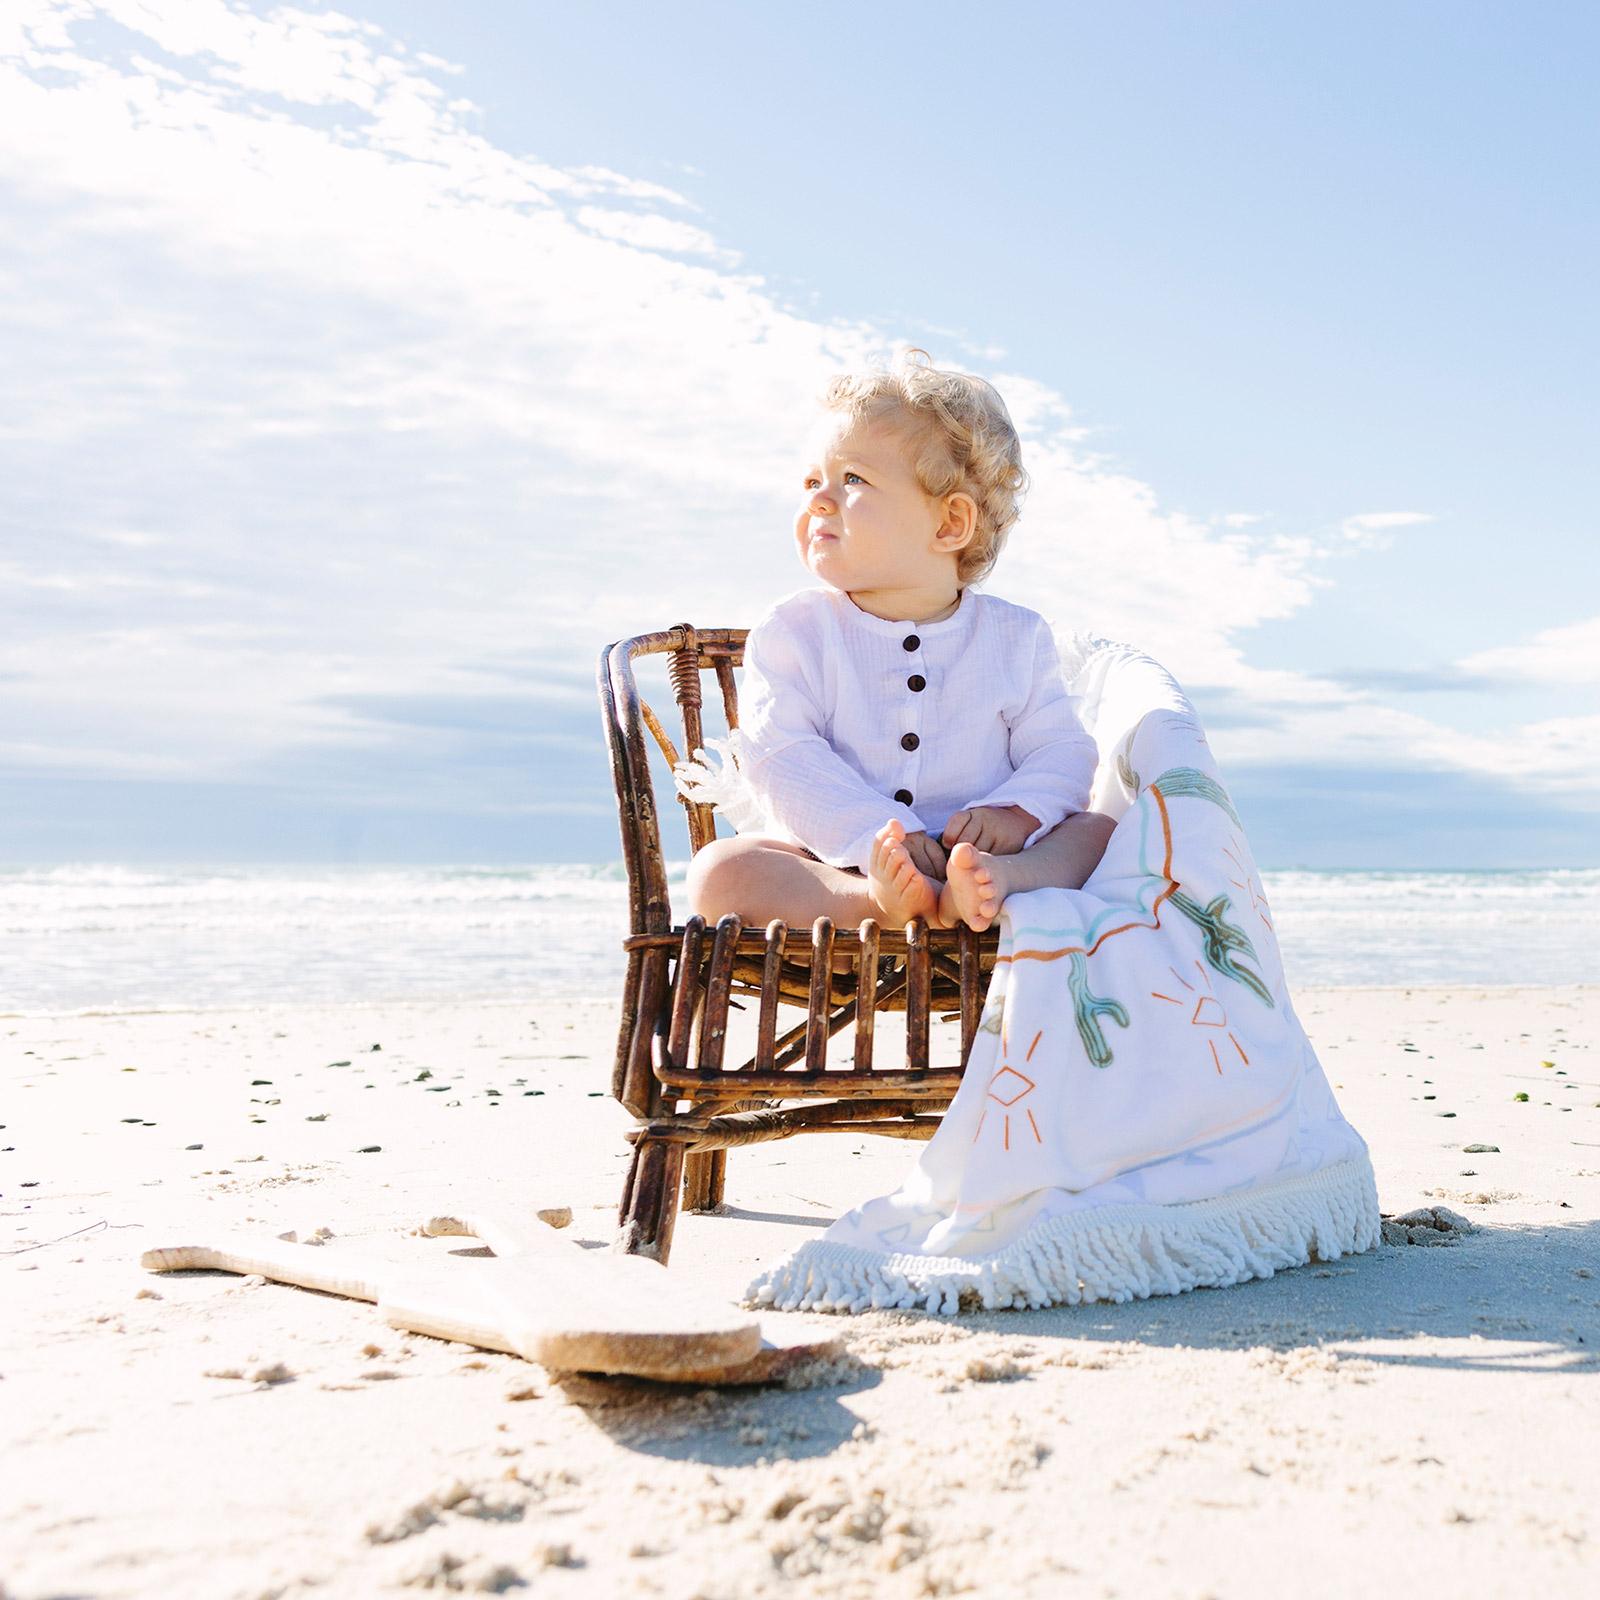 Toalla de playa para ni os redonda tema indio little native - Toallas redondas de playa ...